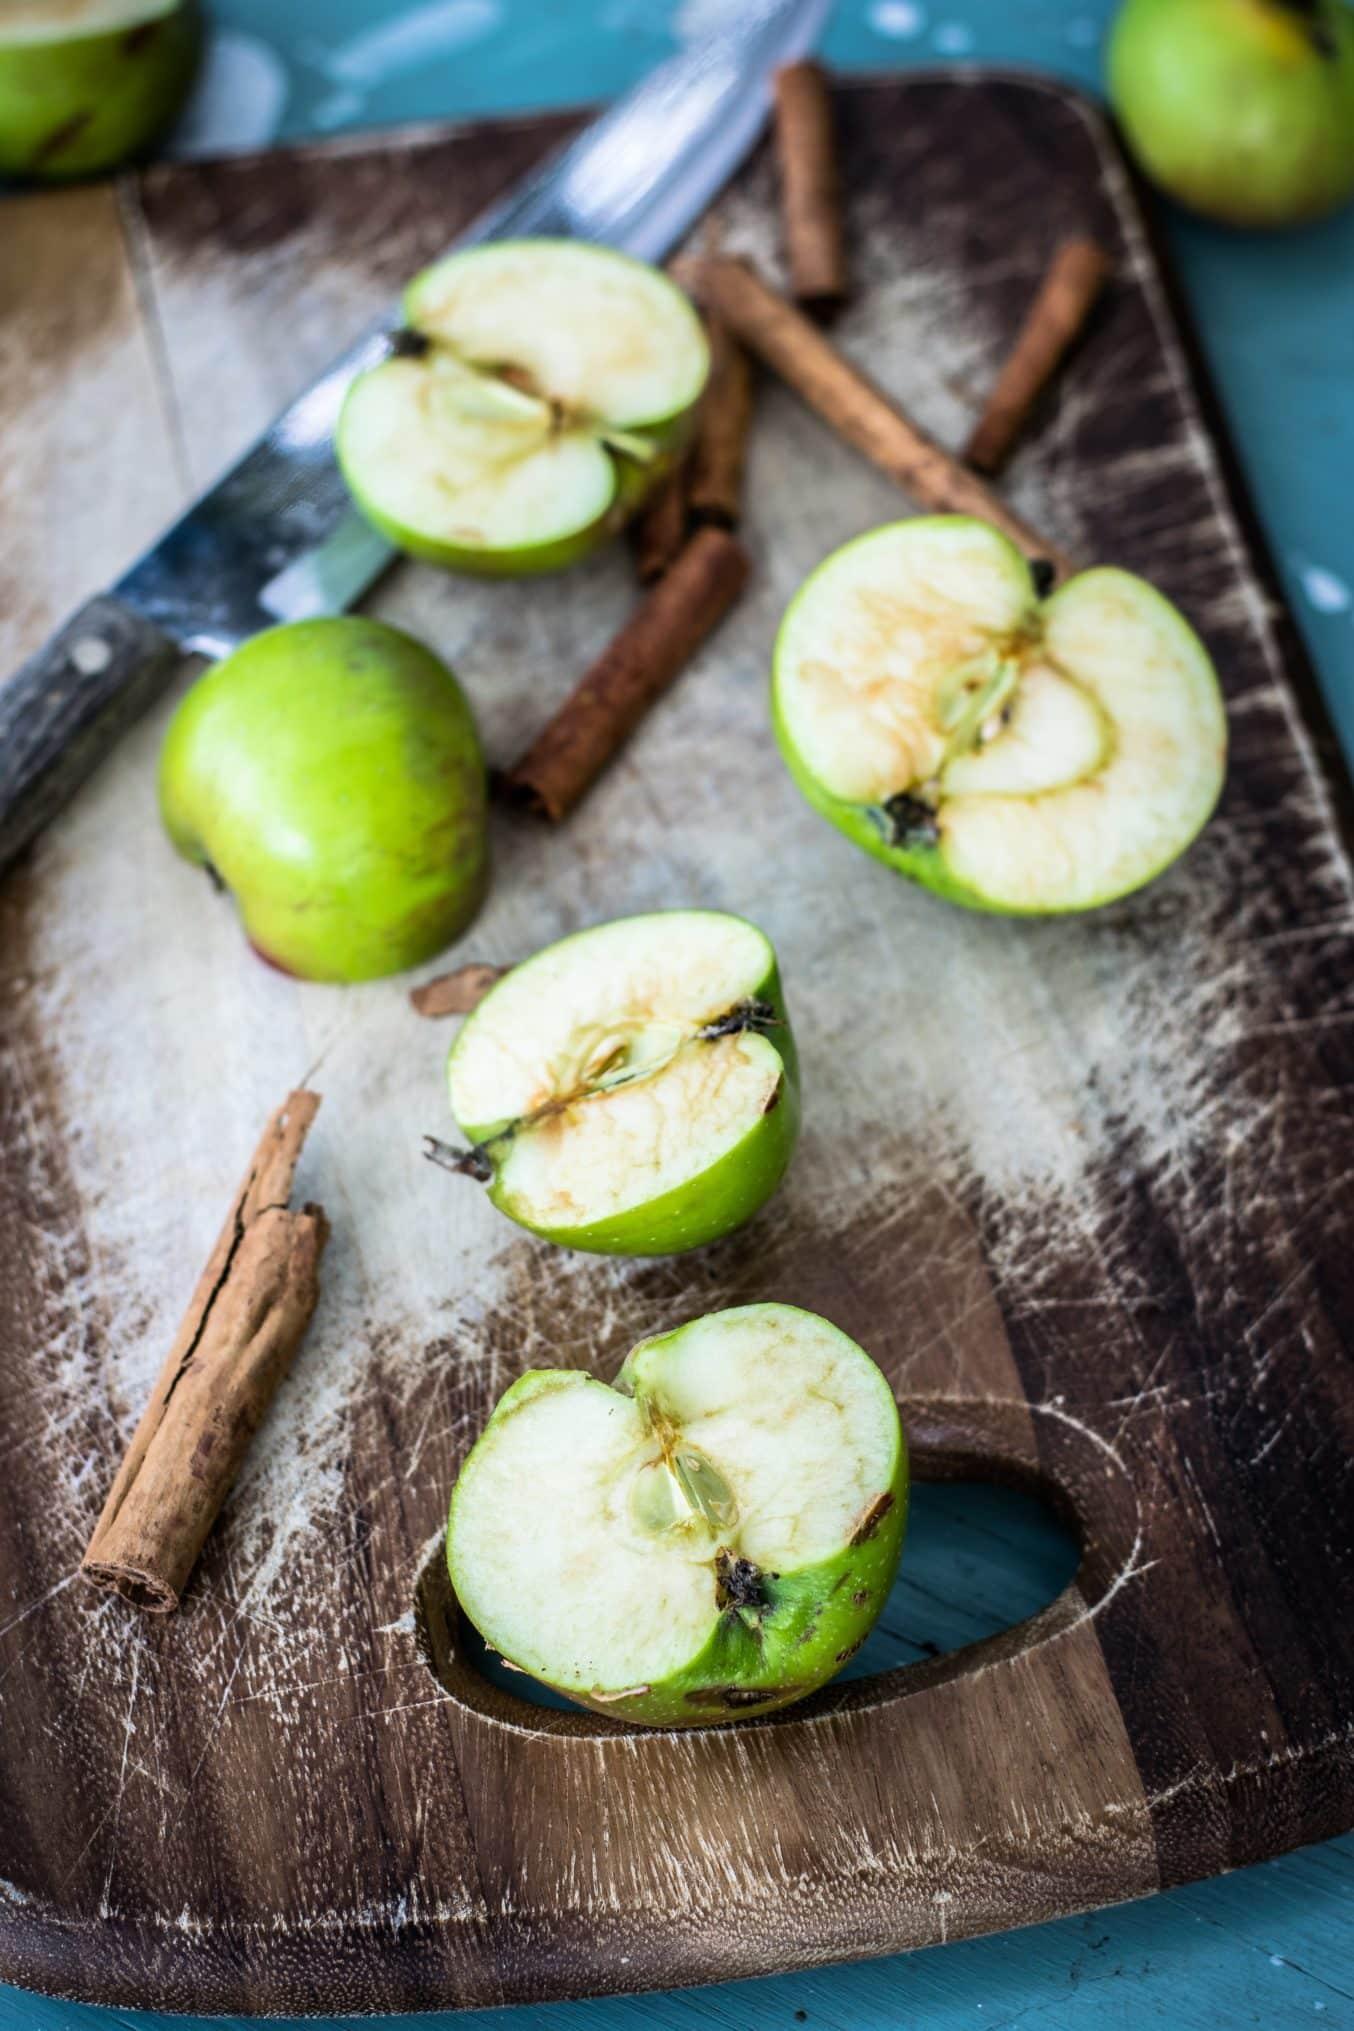 Grüne Zimt Äpfel .Ein Rezept zum Einkochen